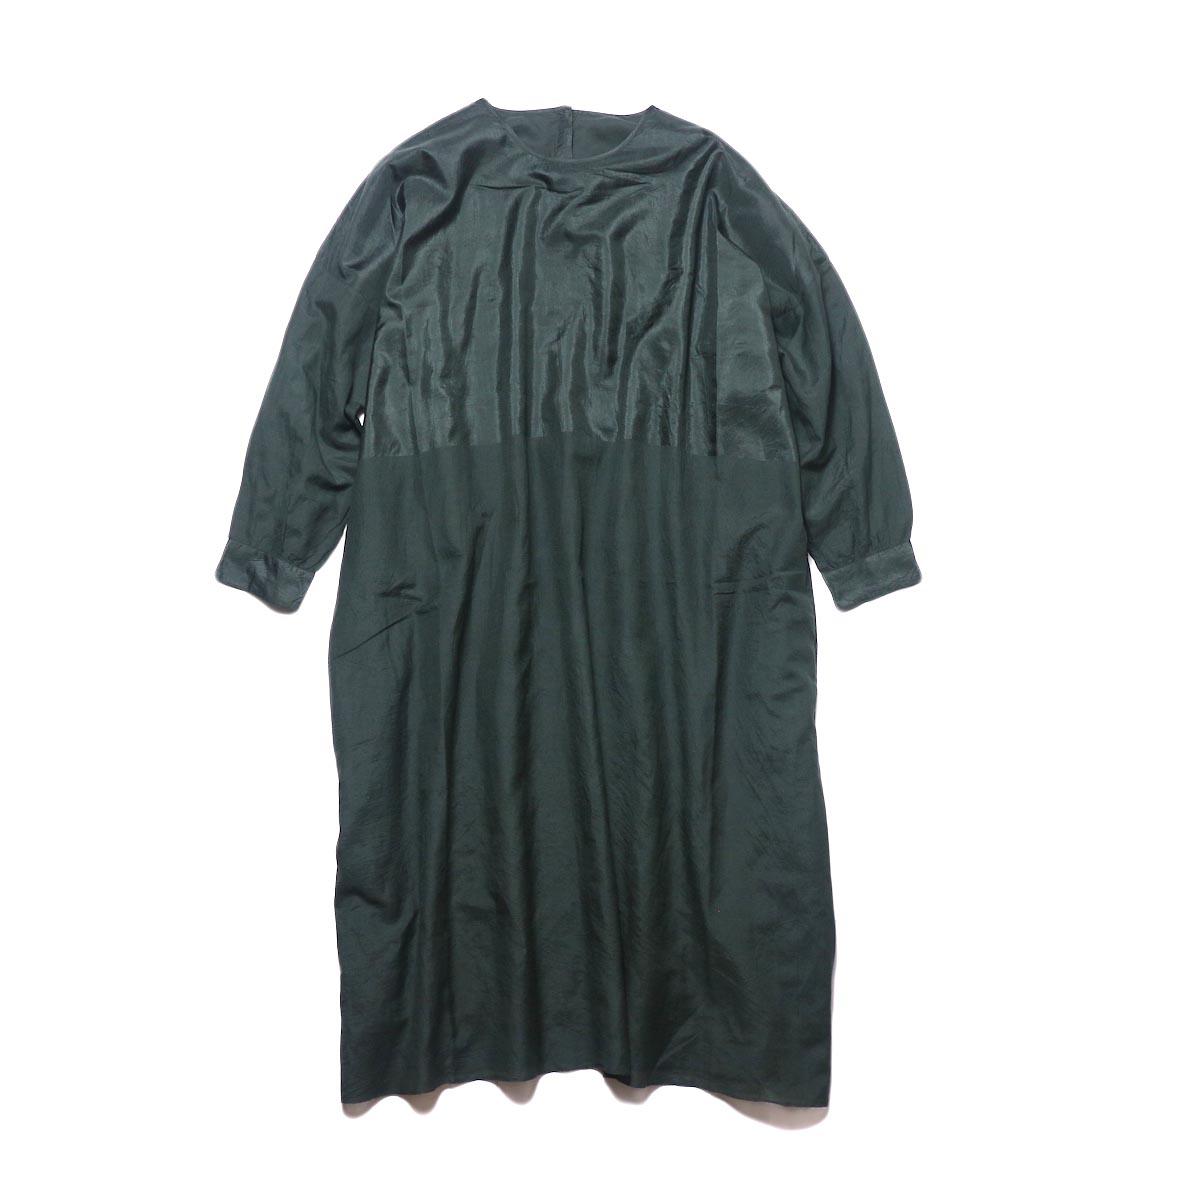 maison de soil / HAND WOVEN COTTON SILK × SILK PLAIN DROP SHOULDER DRESS (green)